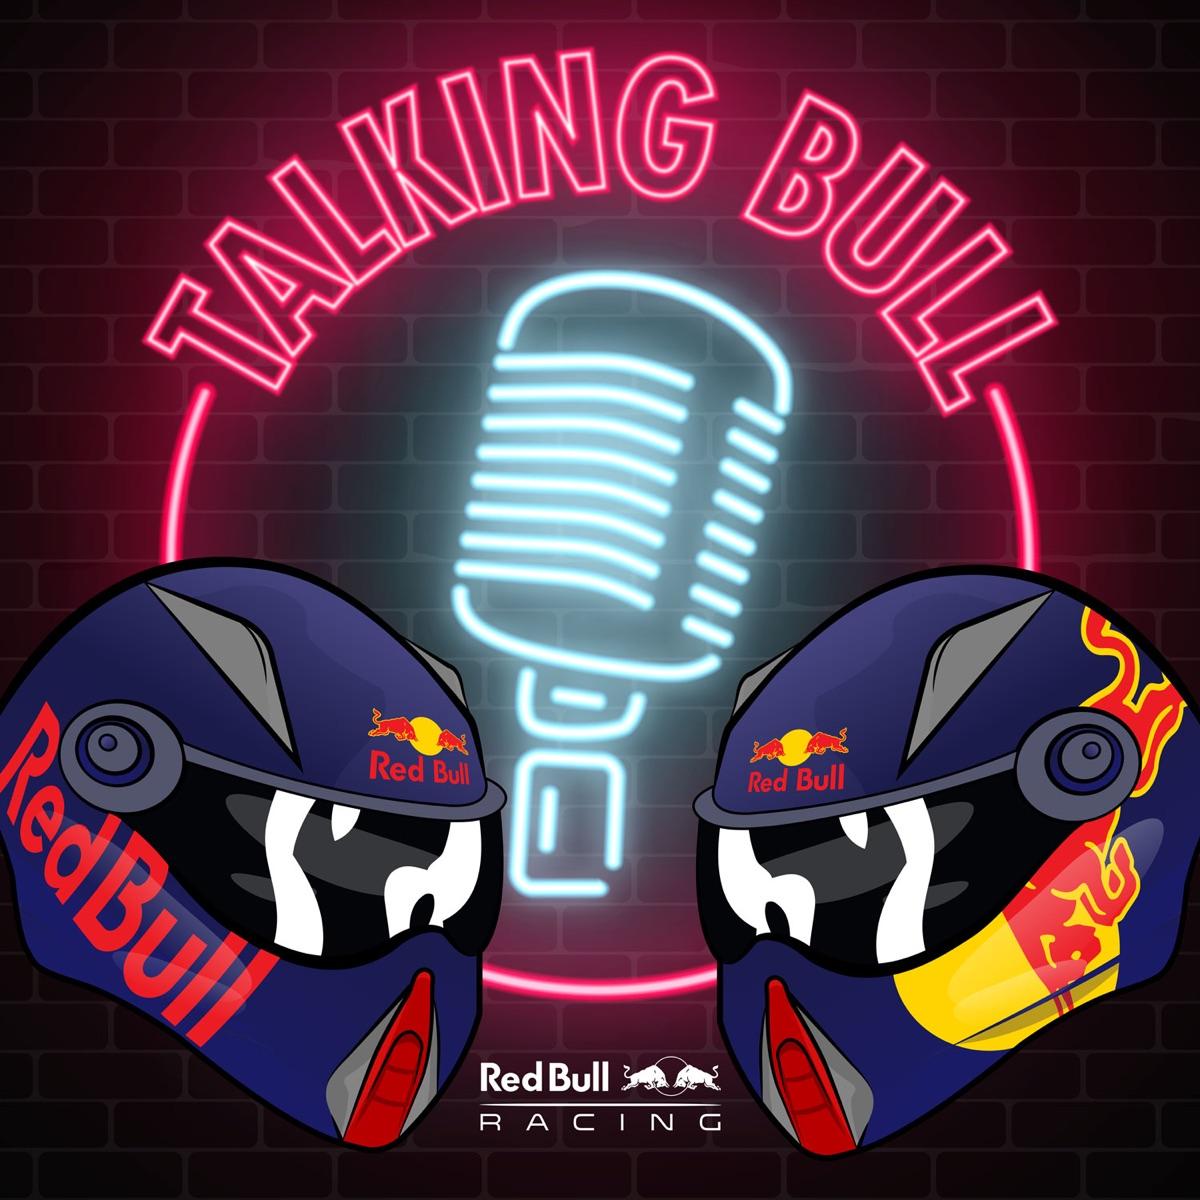 Talking Bull